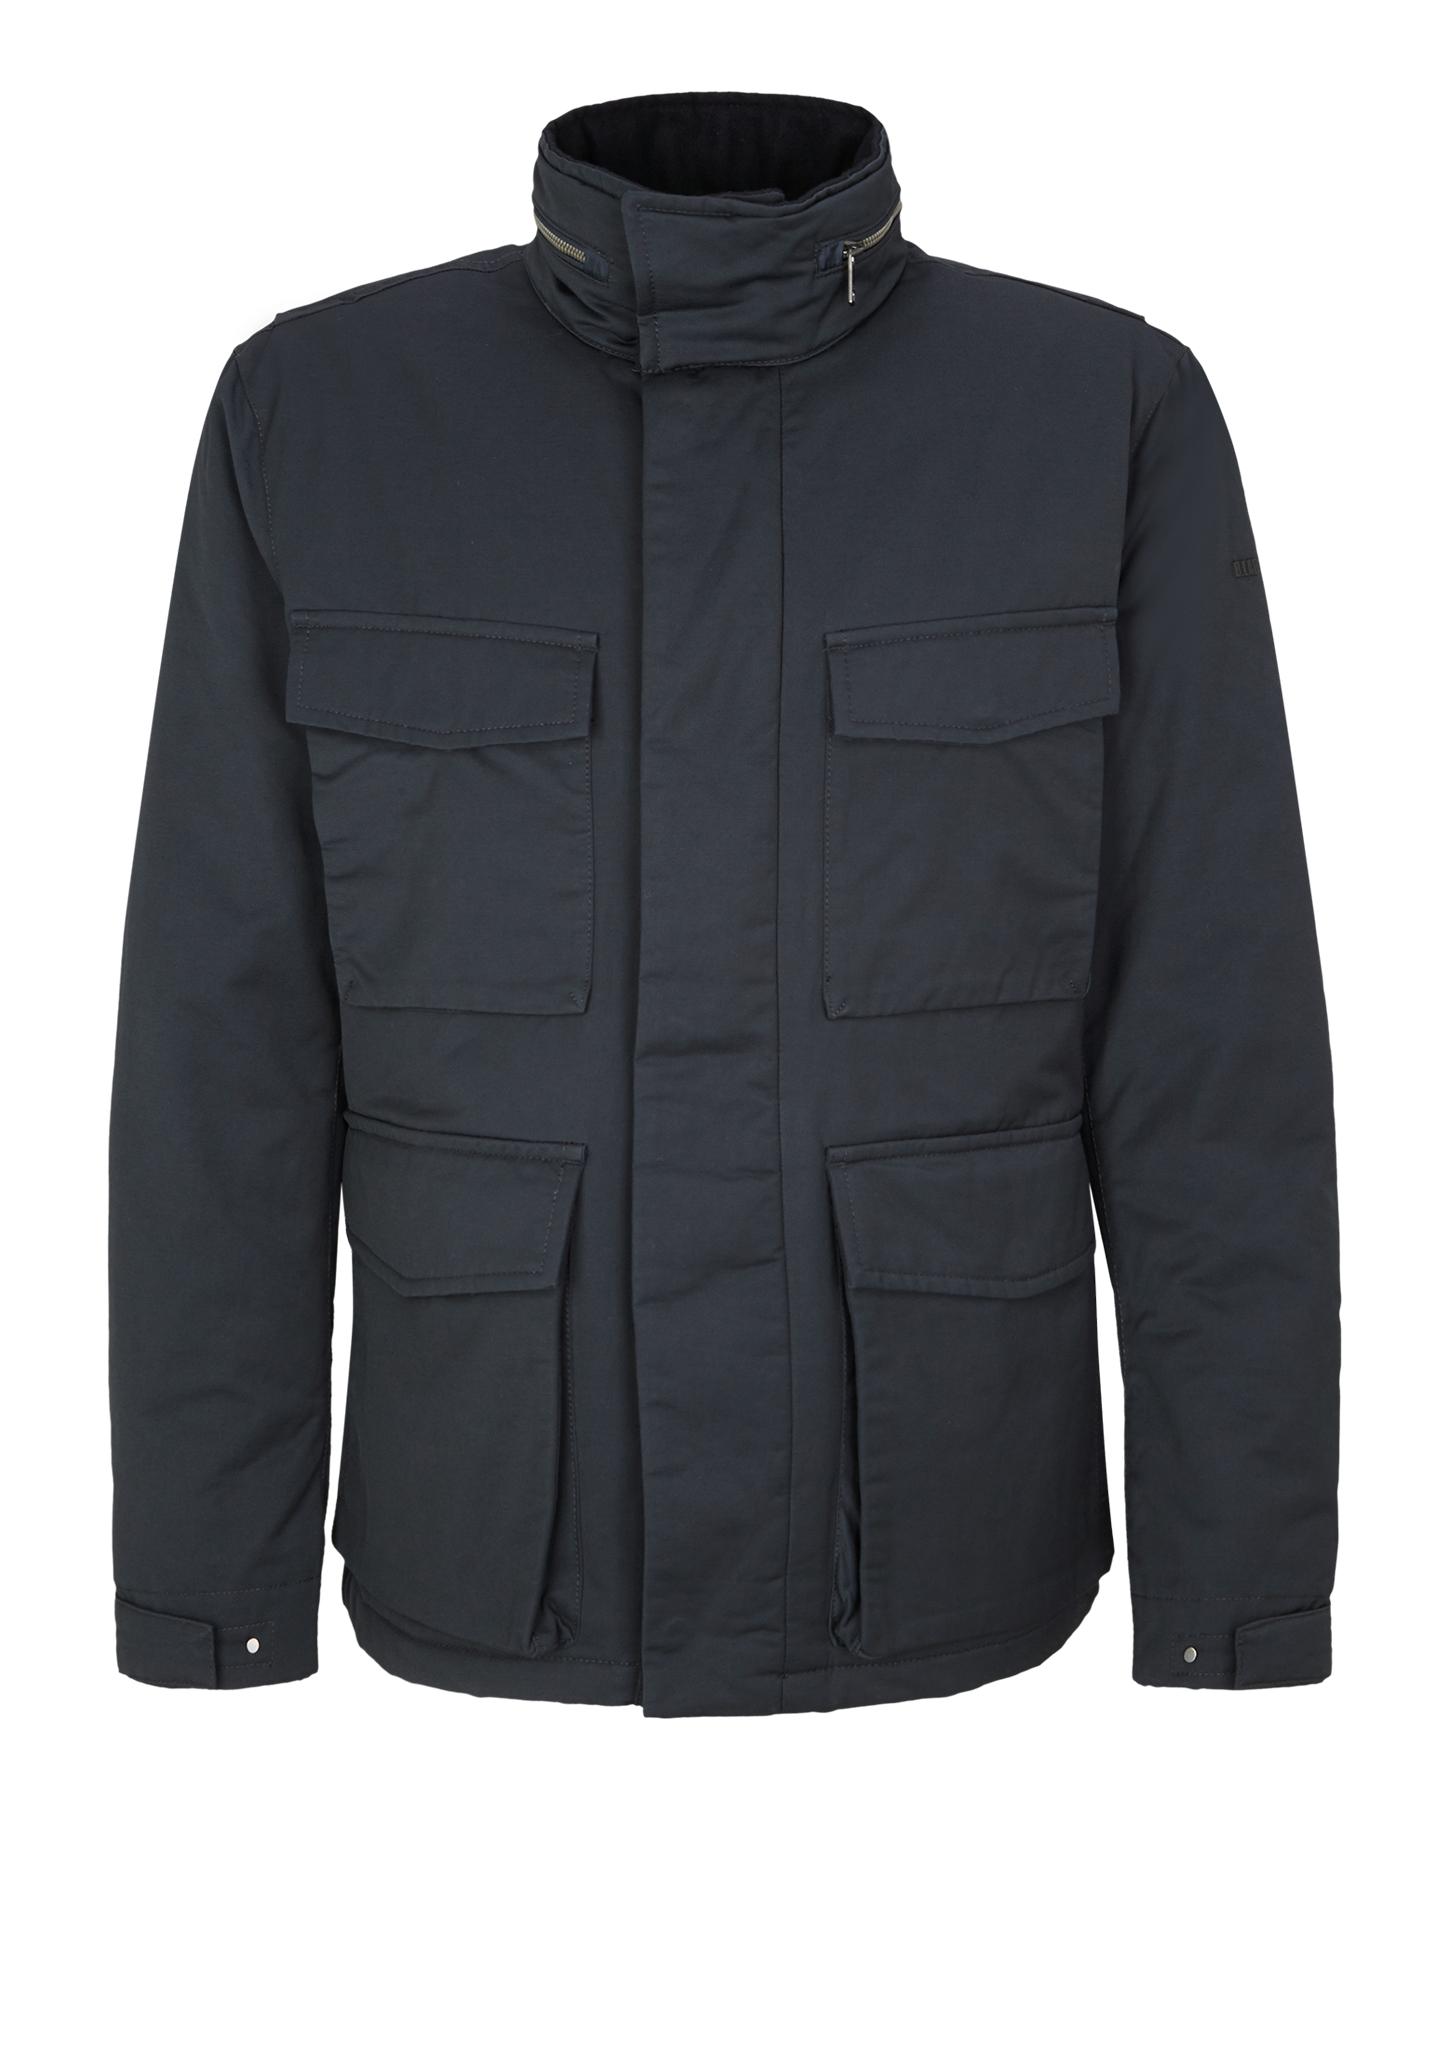 Winterjacke   Bekleidung > Jacken > Winterjacken   Blau   Obermaterial 65% baumwolle -  35% polyester  futter und füllmaterial 100% polyester   s.Oliver BLACK LABEL